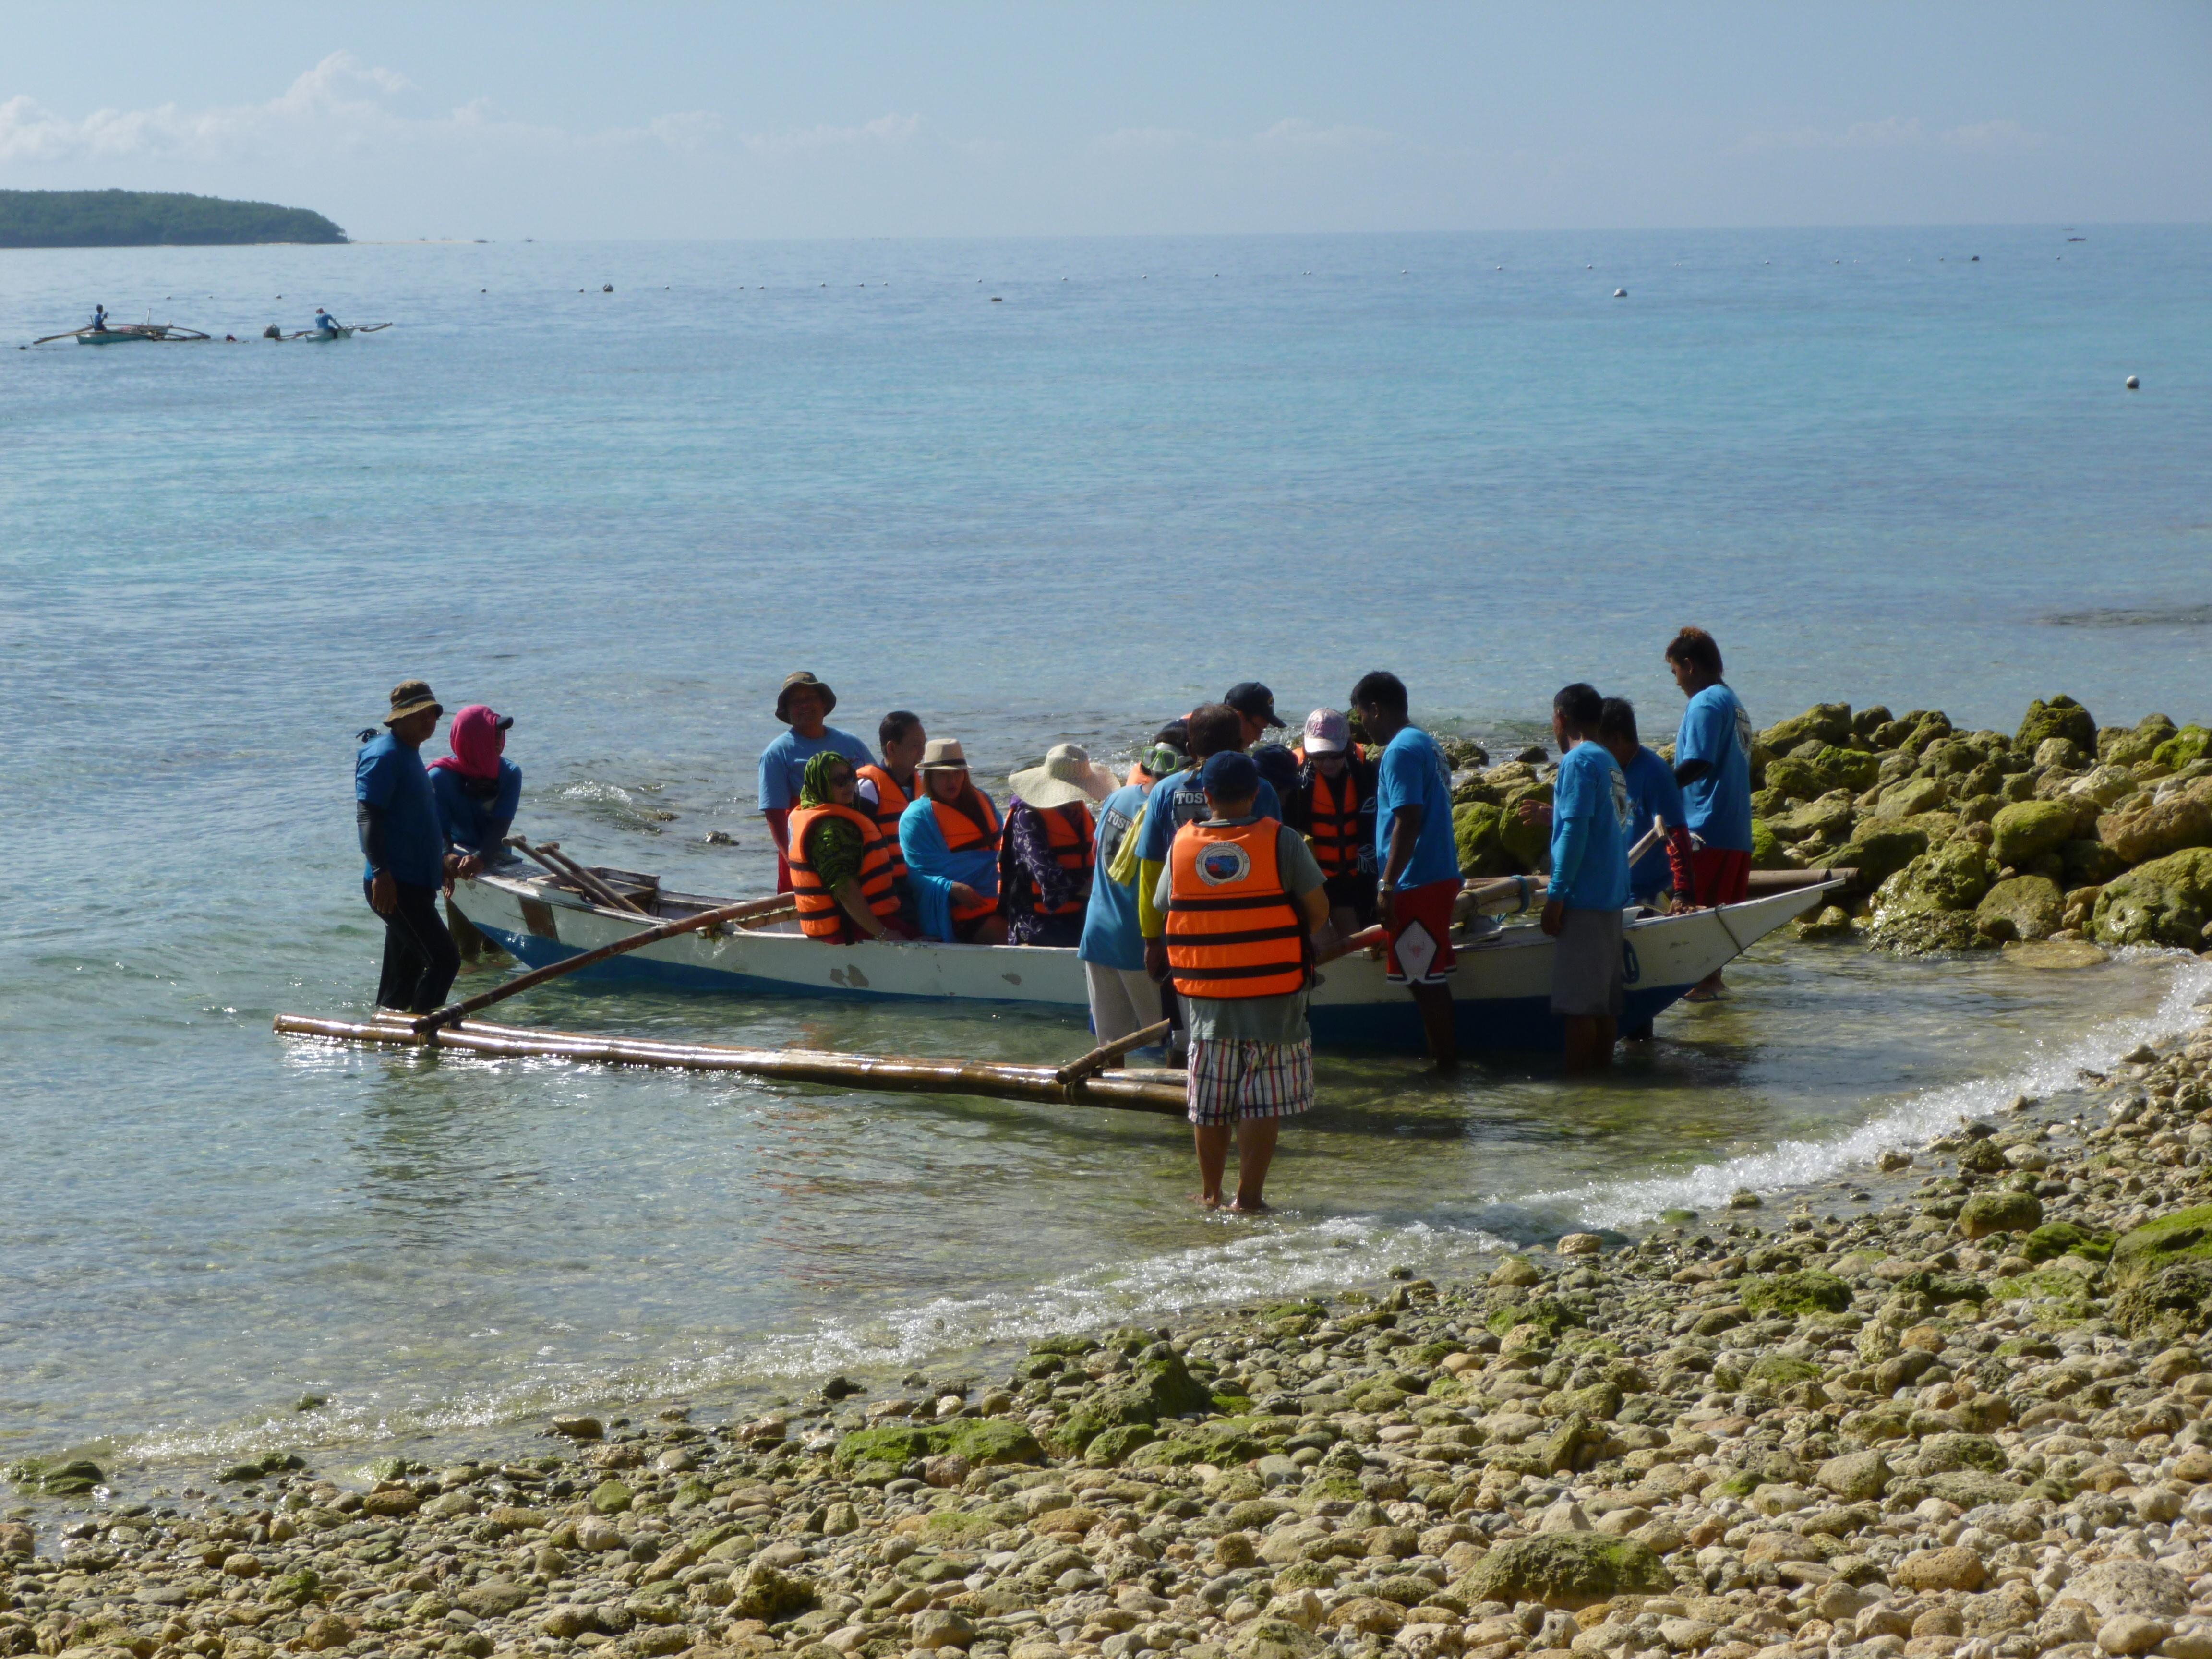 bateau pour le départ, en bleu le personnel du centre aussi nombreux que les visiteurs